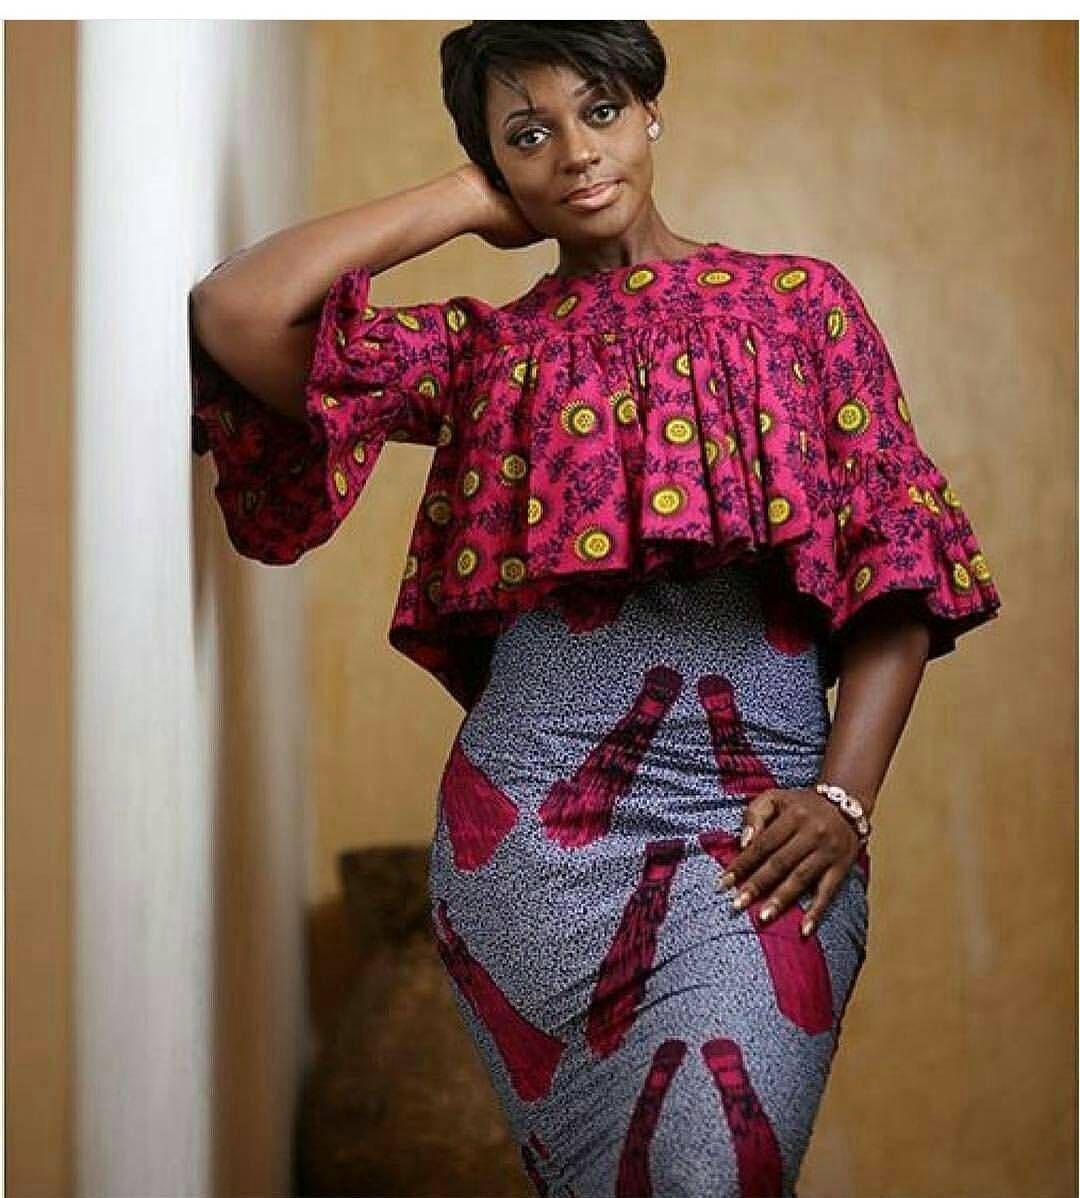 ~African Fashion, Ankara, Kitenge, Kente, African Women